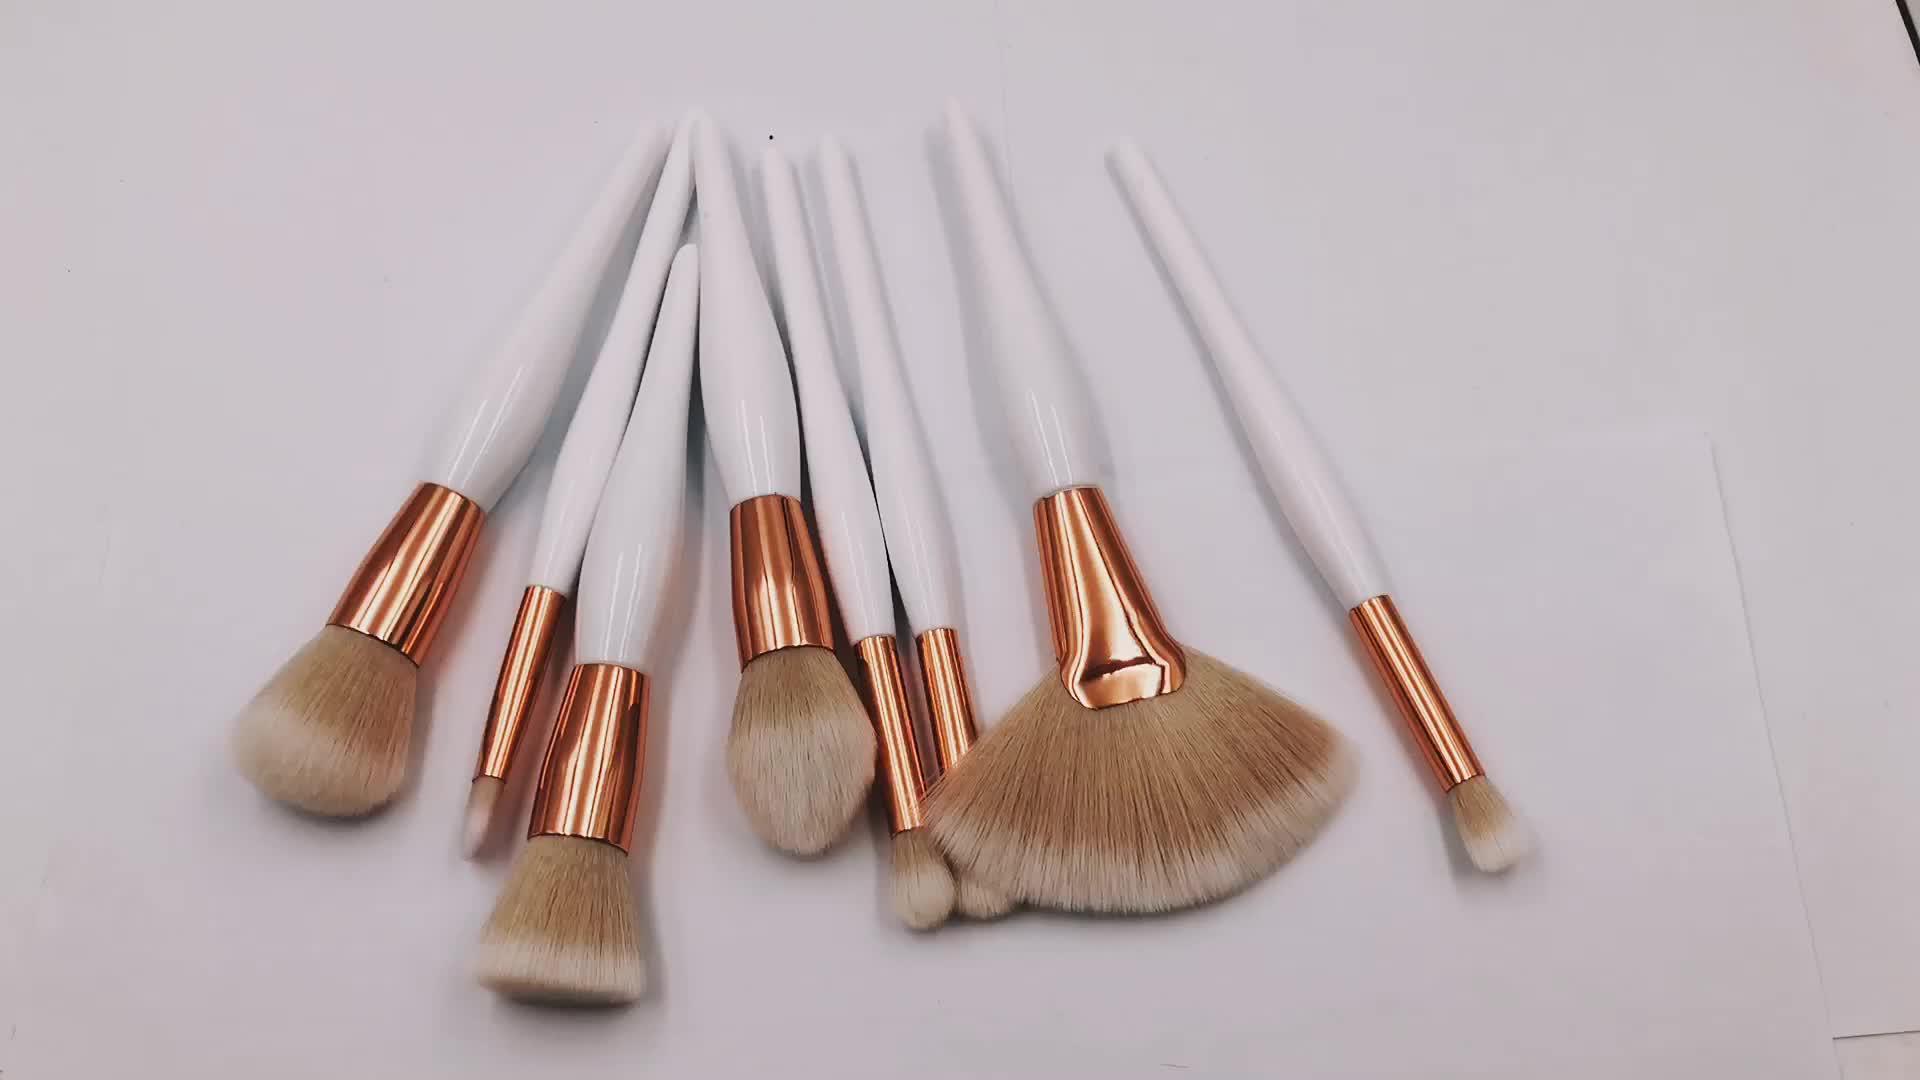 YaShii Makeup Brushes Set 11pcs/lot Eye Shadow Blending Eyeliner Eyelash Eyebrow Make up Brushes Professional Eyeshadow Brush